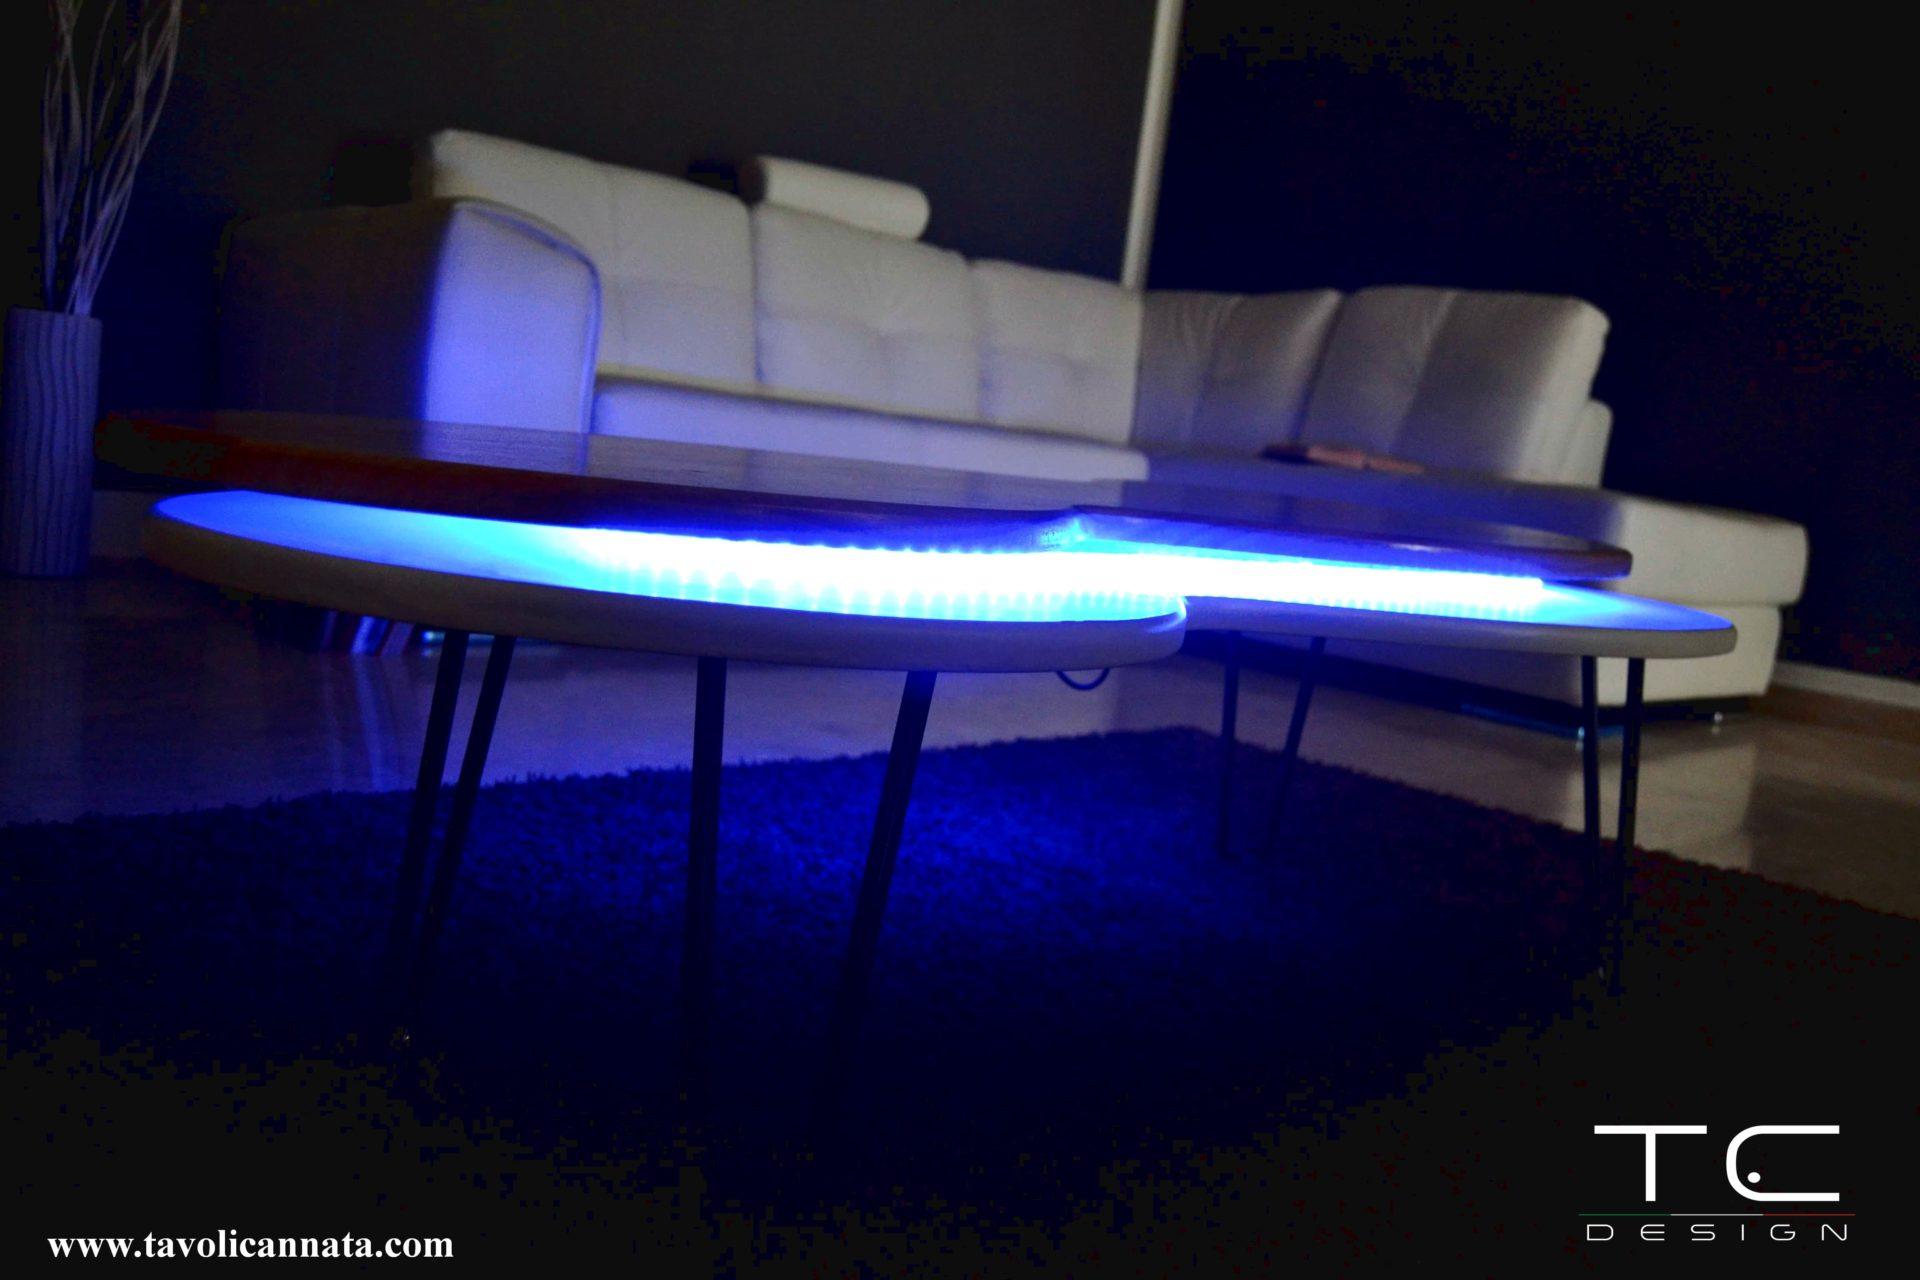 tavolini da salotto illuminati